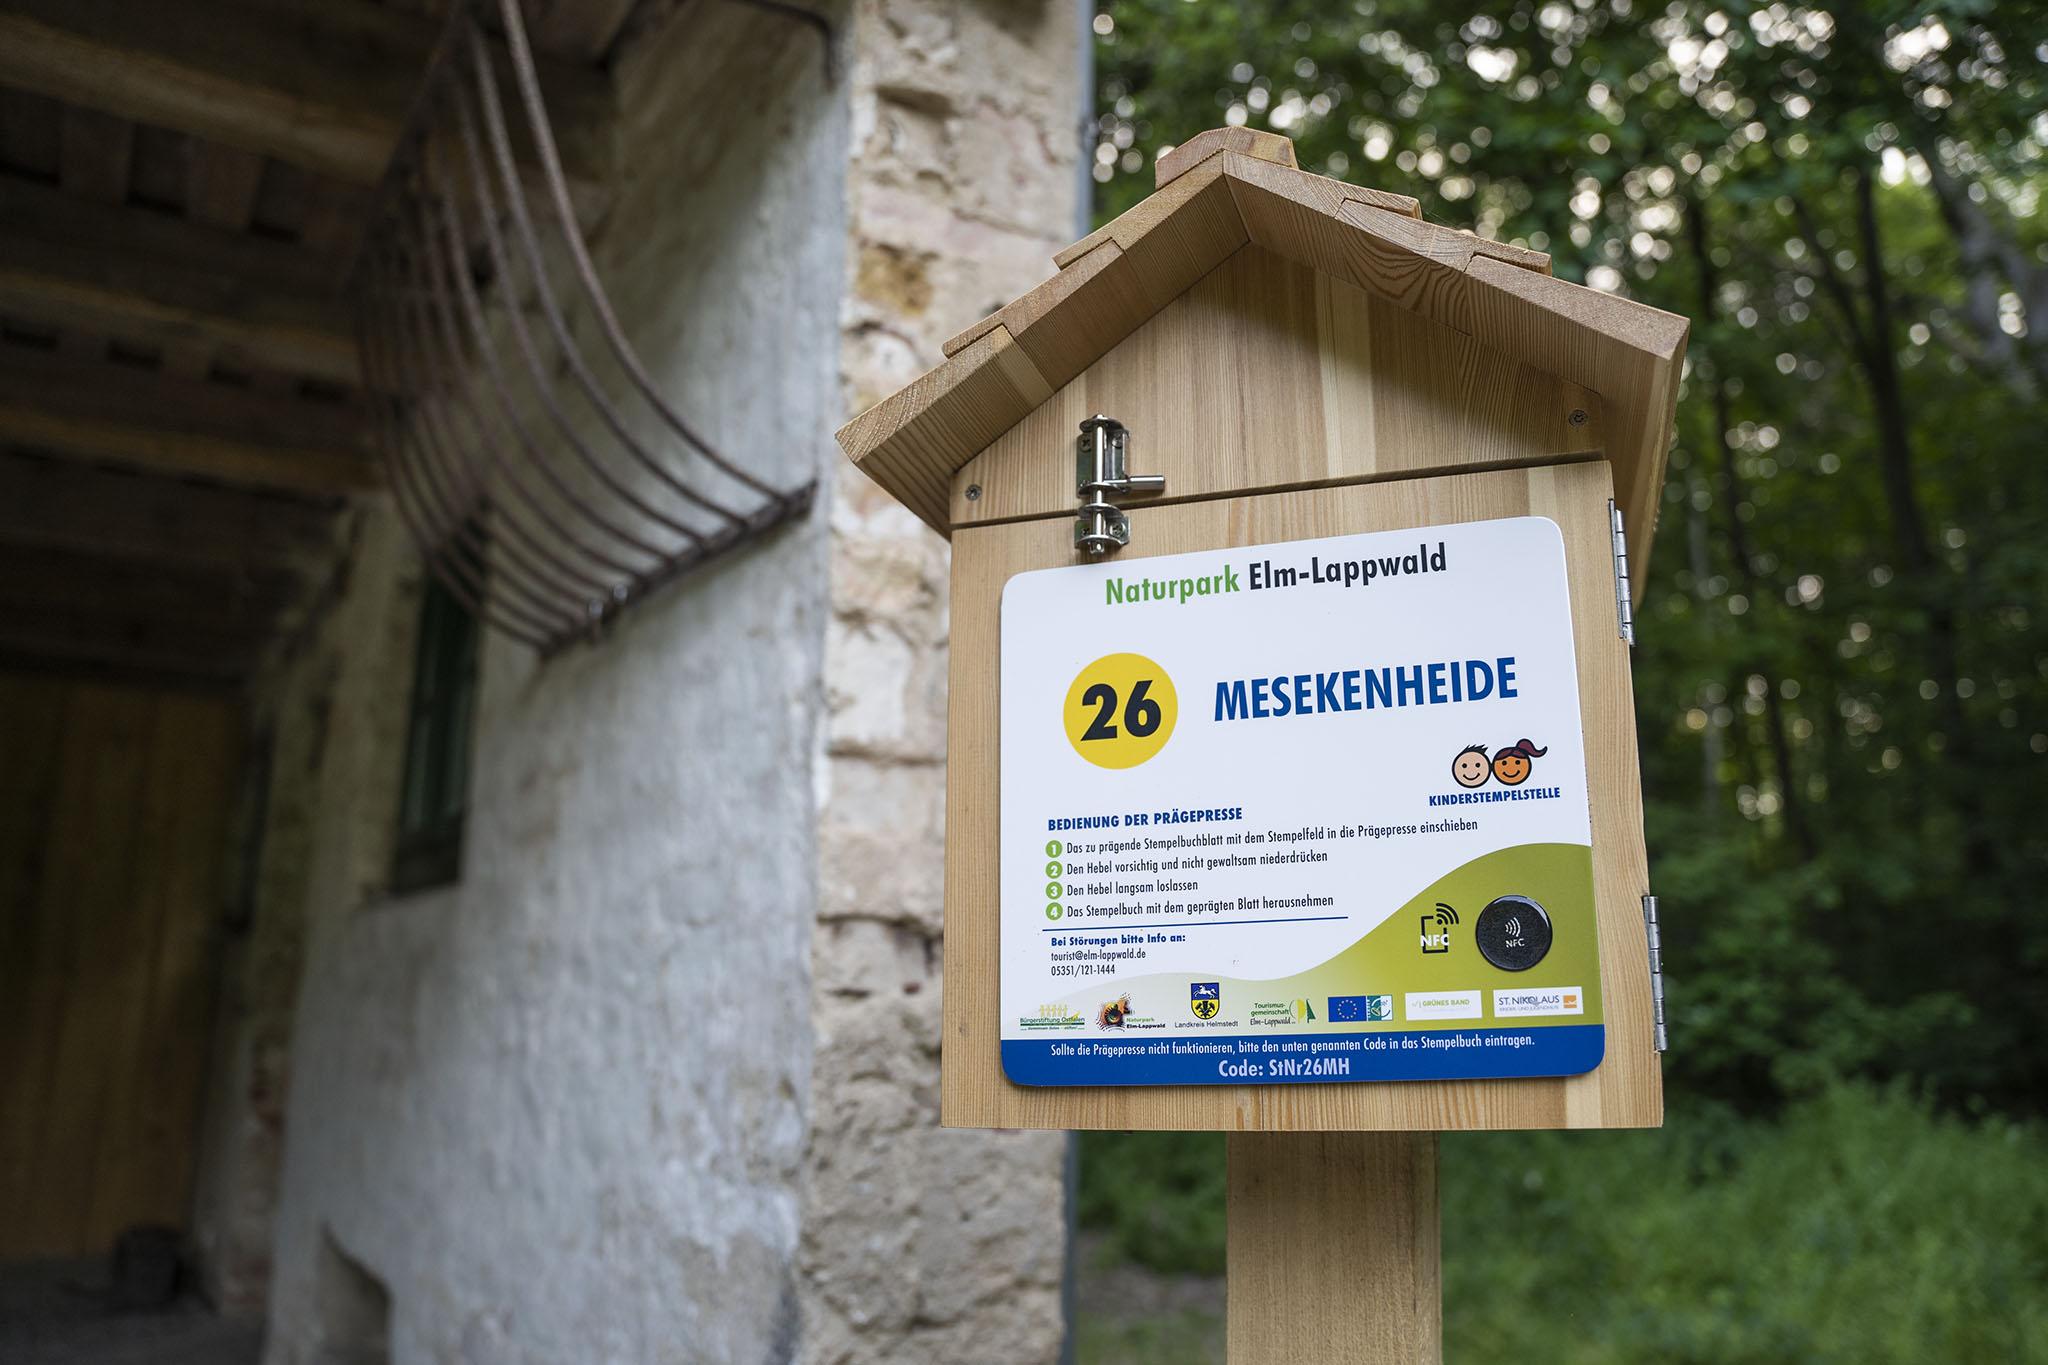 Eines der Stempelhäuschen für das Wanderstempeln auf dem Wanderweg Mesekenheide im Elm-Lappwald. Diese Häuschen beherbergen Stempel für das Wanderheft des Naturpark Elm-Lappwald.